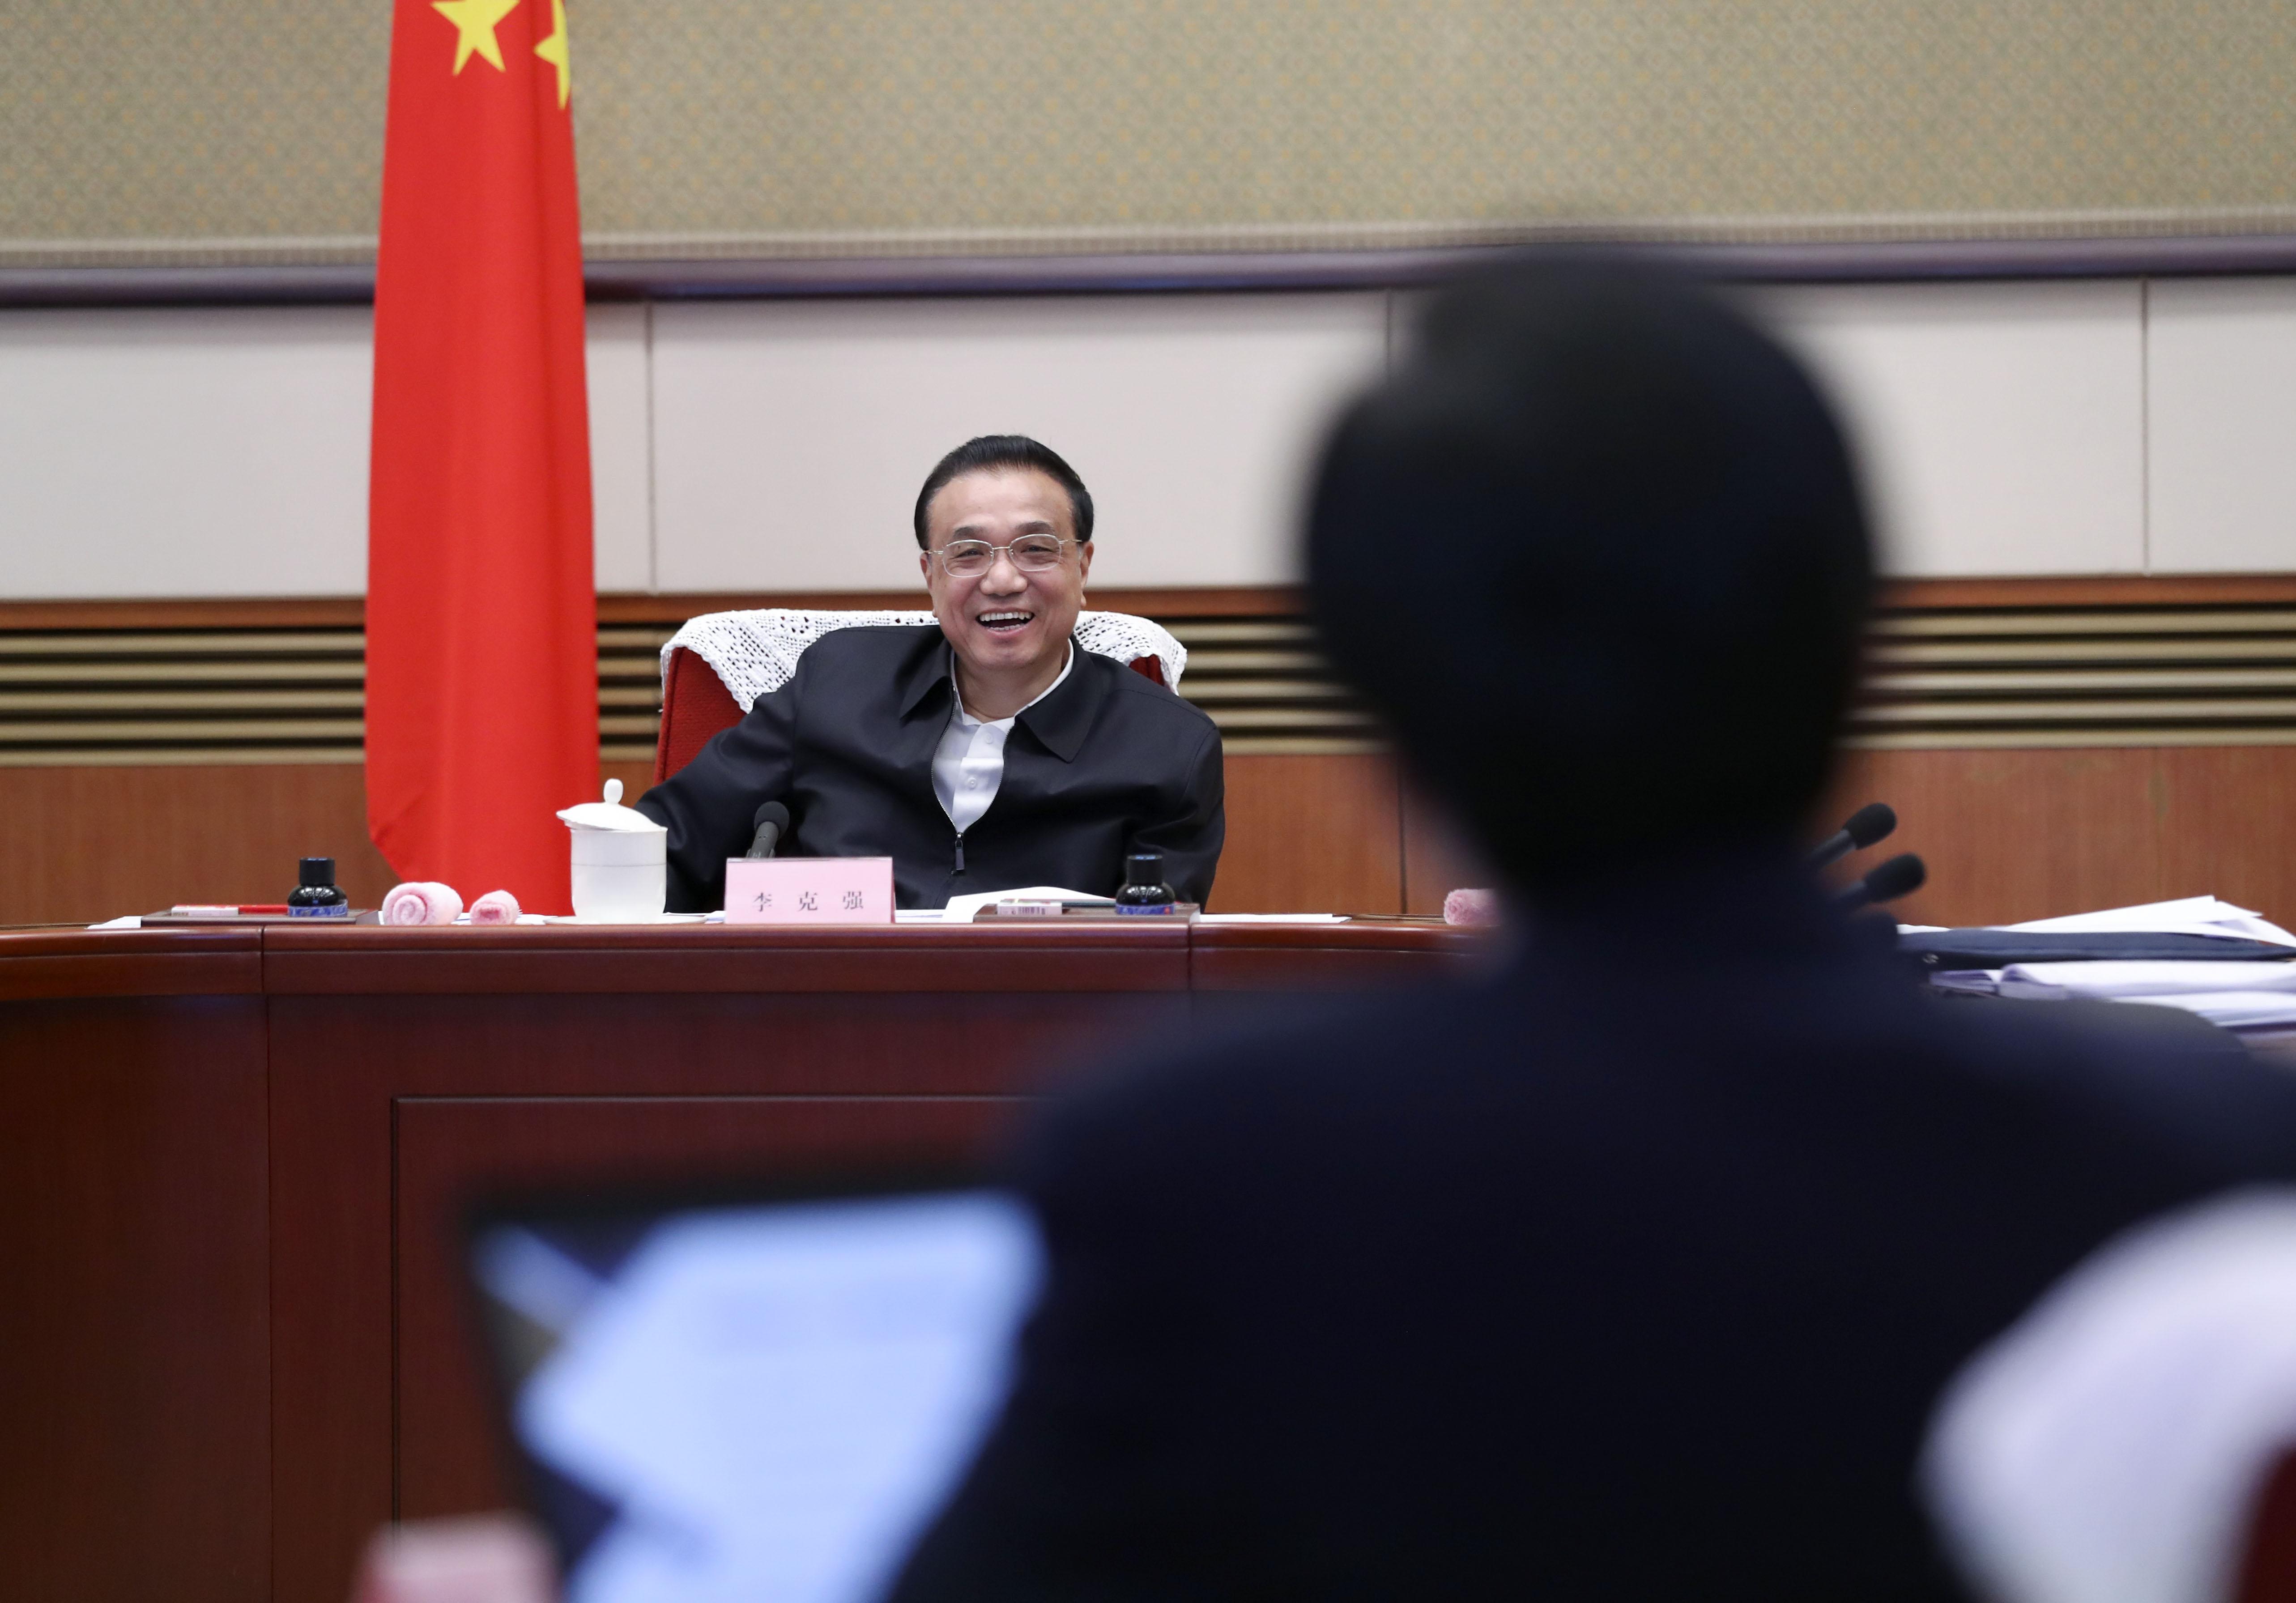 李克强:要激励金融部门主动作为